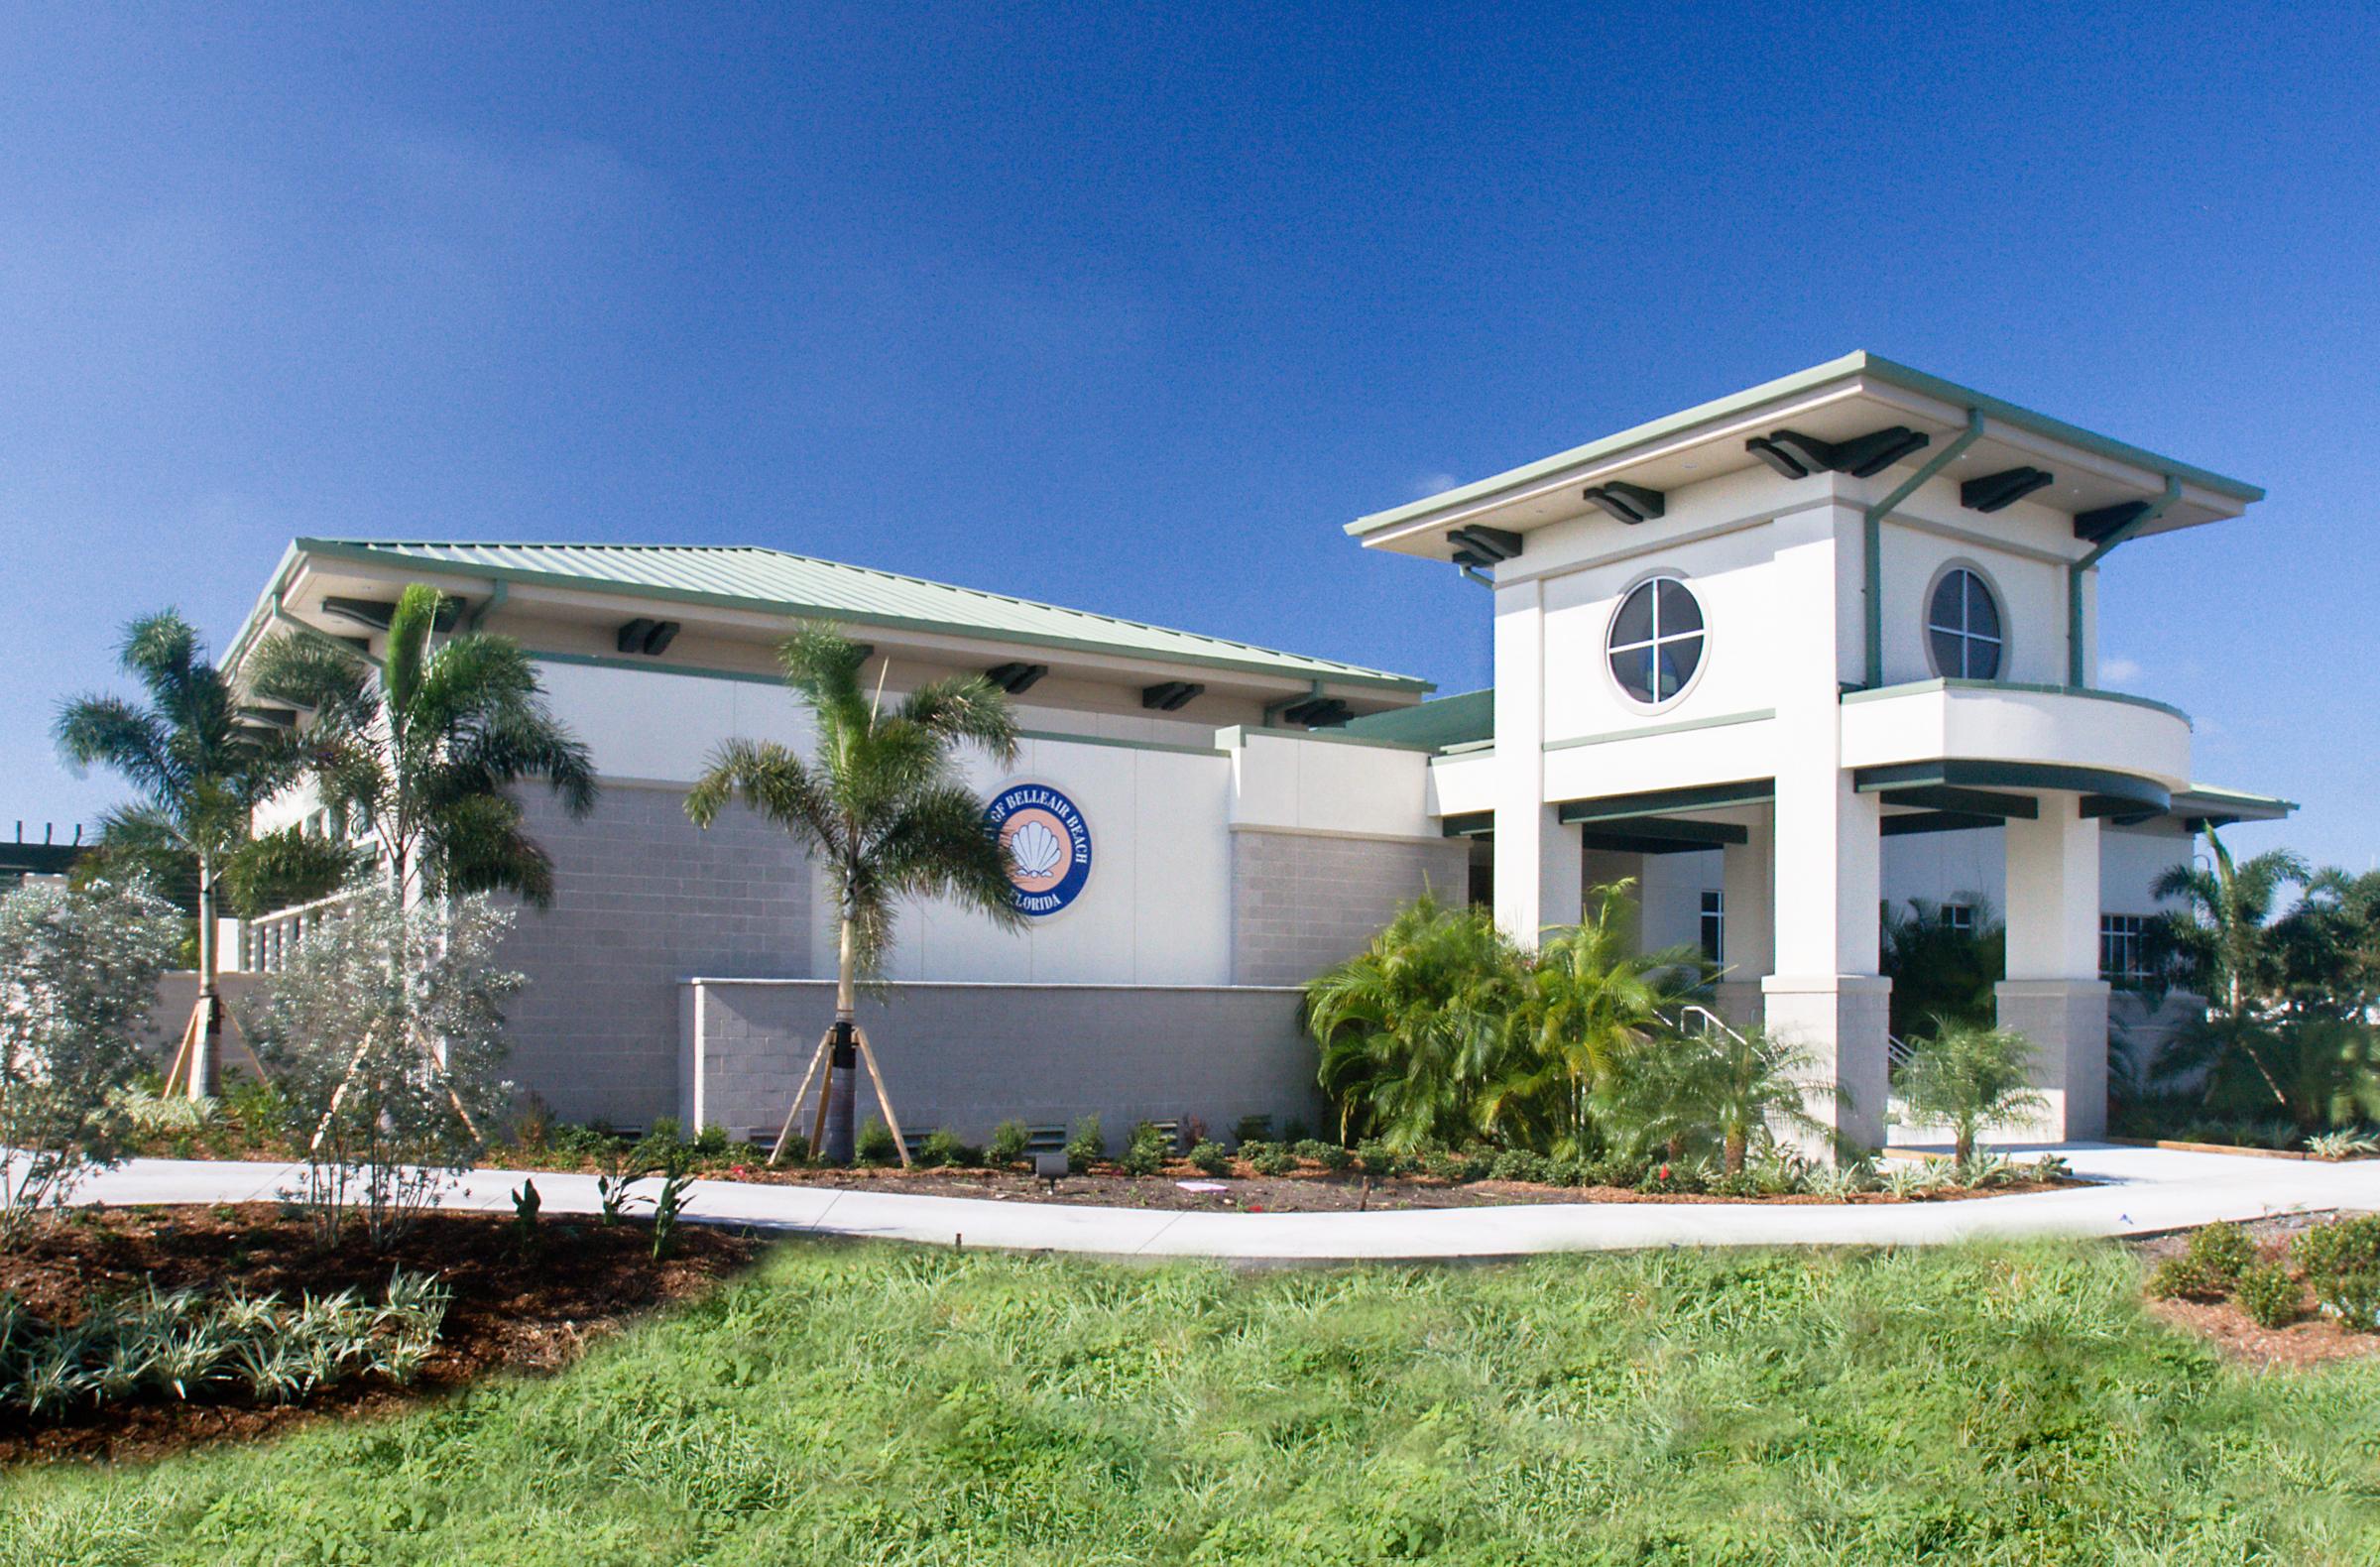 Belleair Beach Community Center